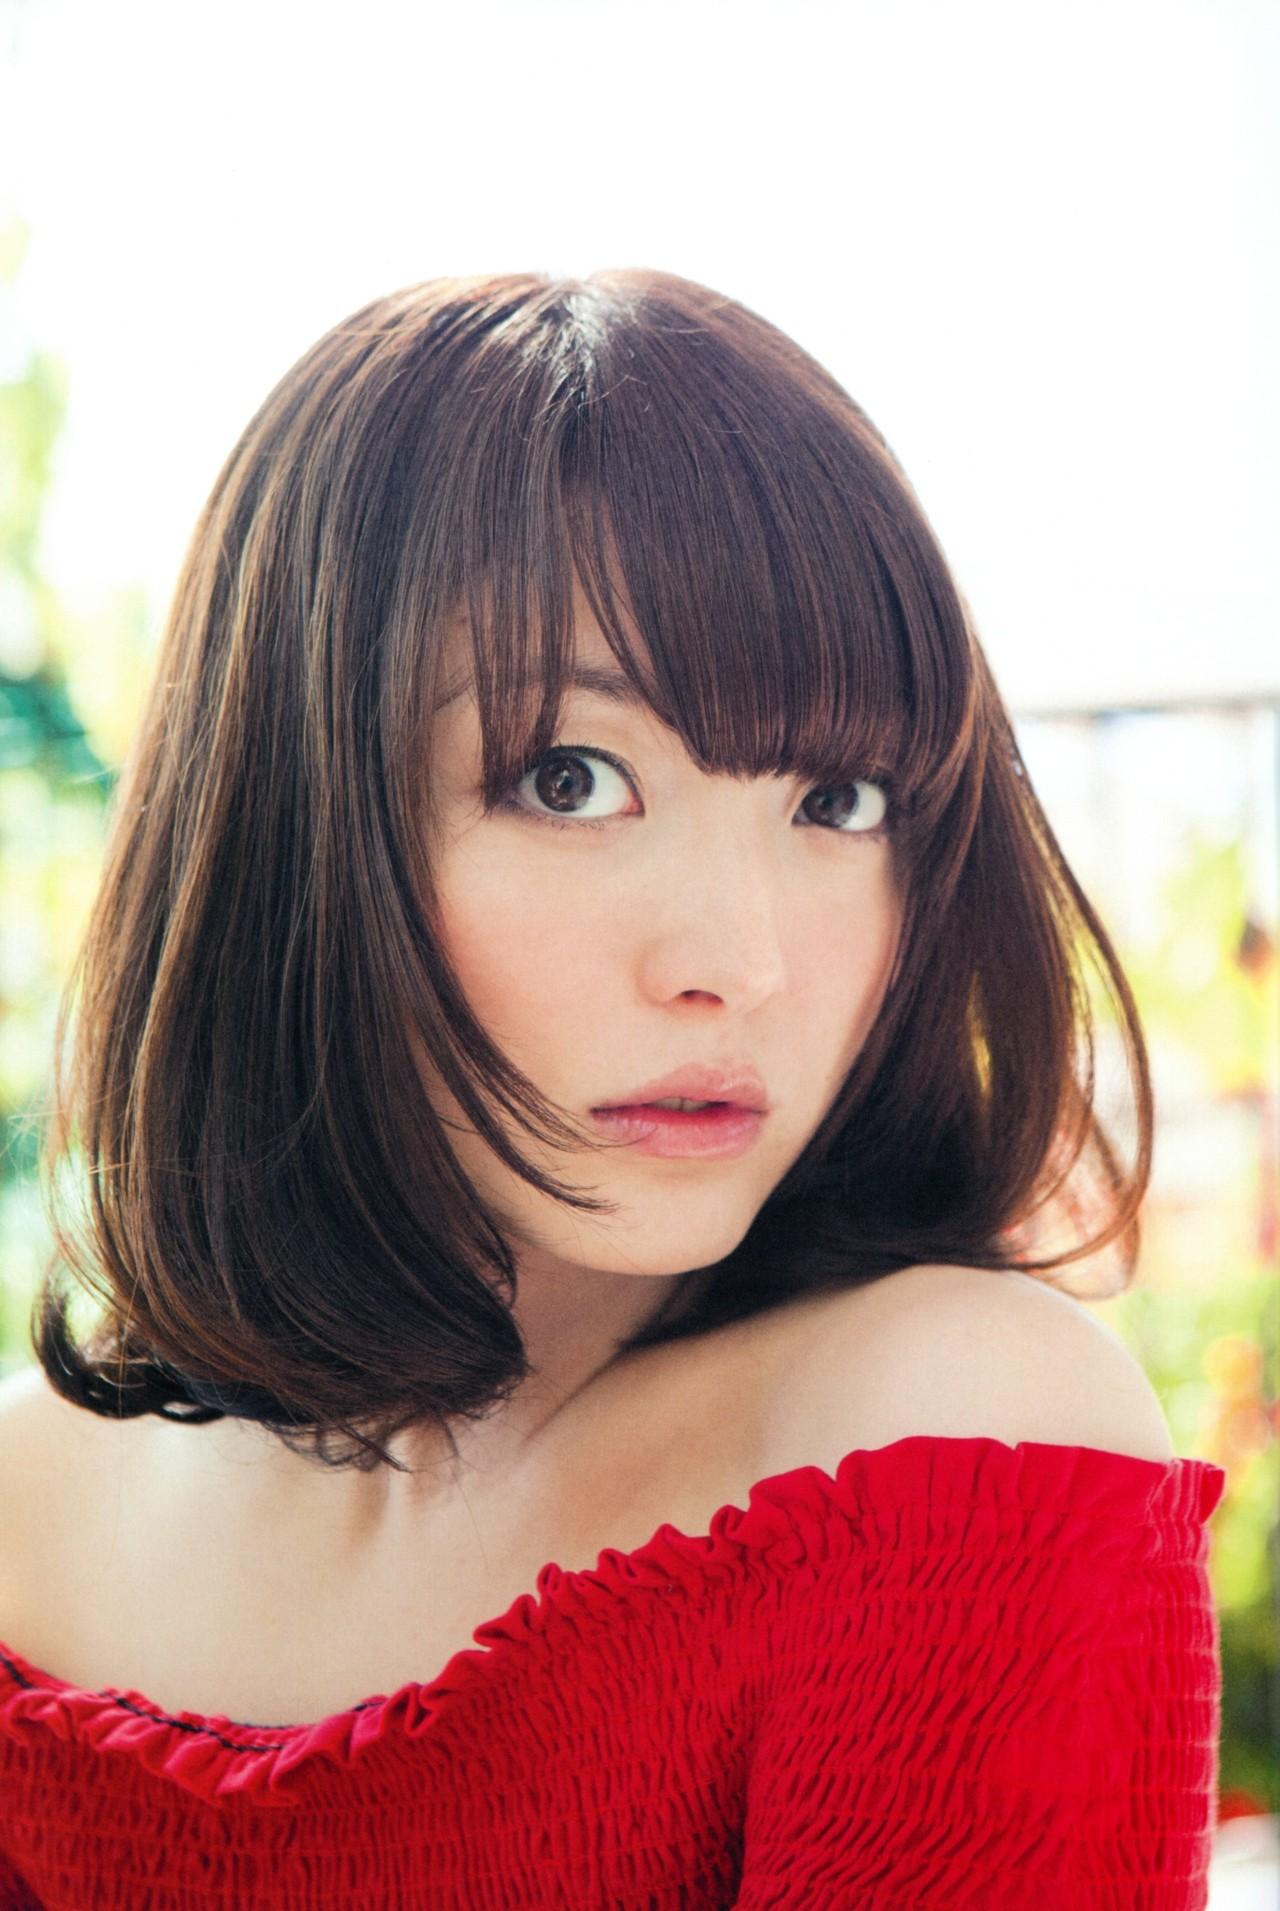 声優&歌手の花澤香菜 元カレからプリクラ流出?現在の活動は?のサムネイル画像